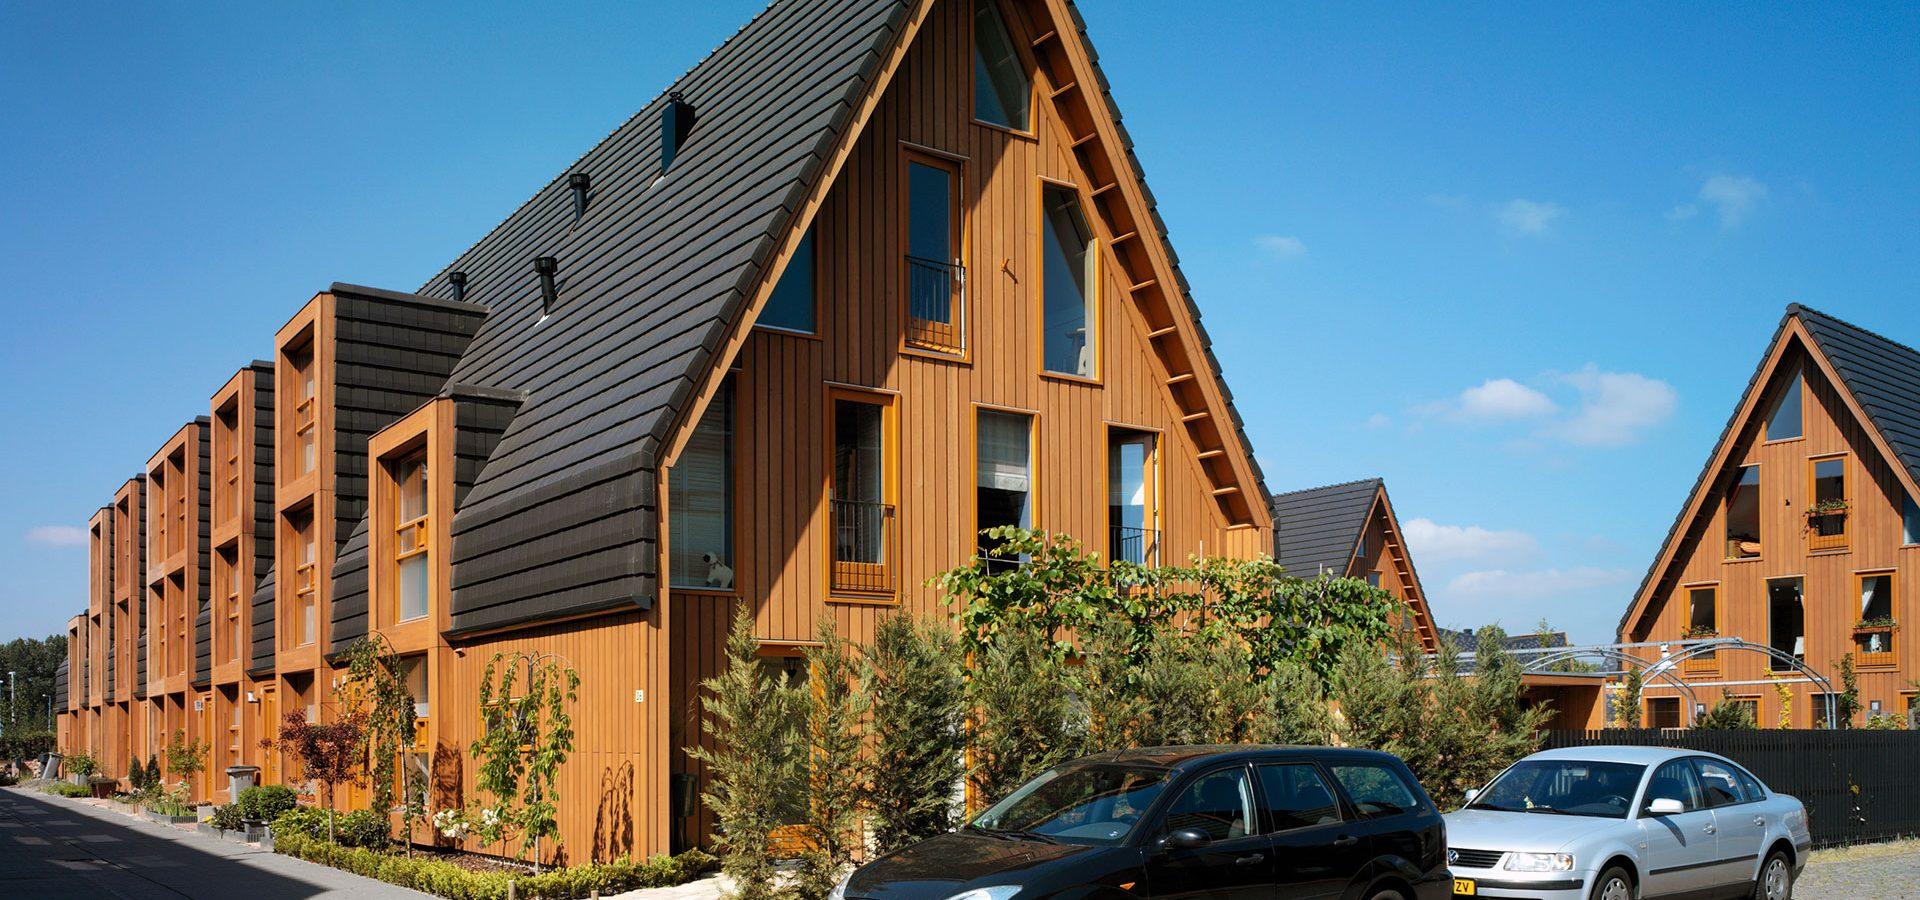 FARO architecten modern dorps Vijfhuizen 05